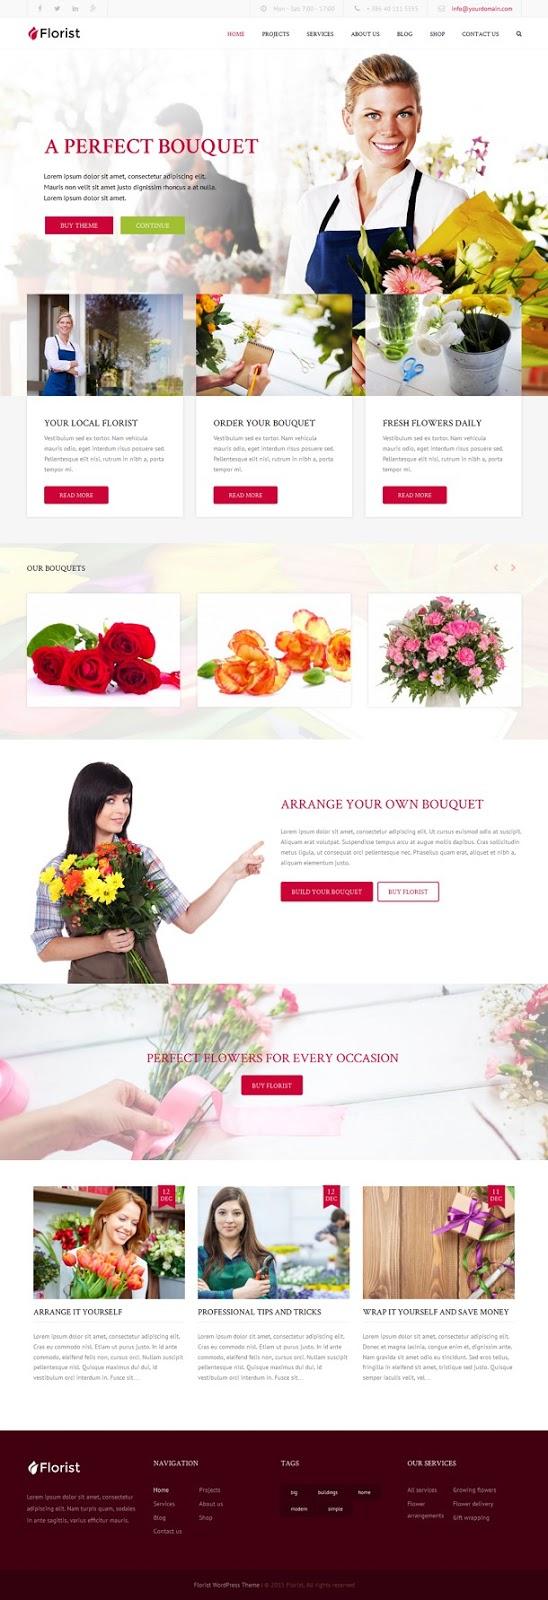 Florist WP Florist & Flower Shop Website Theme